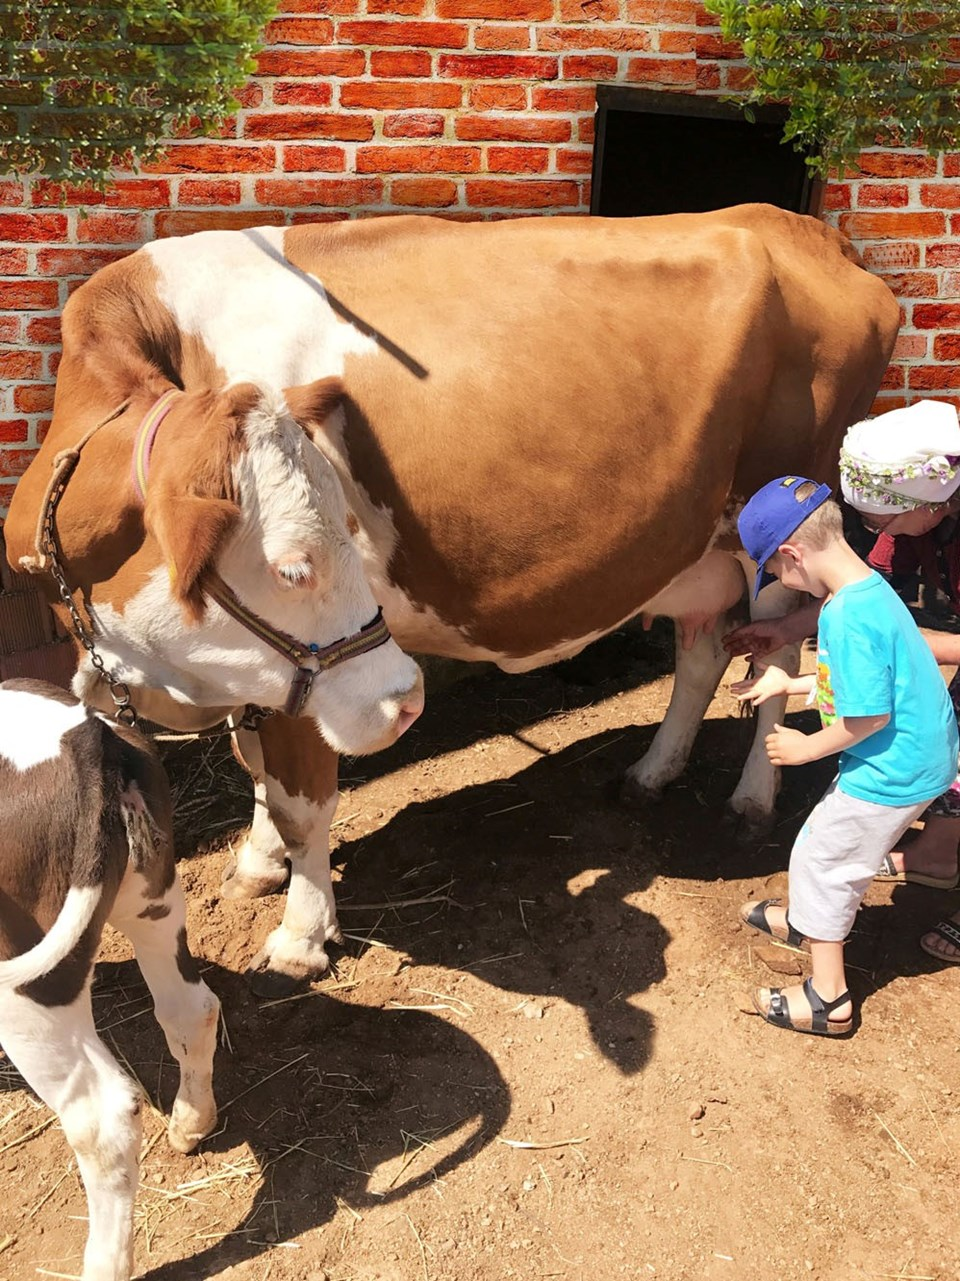 Çocuklar ineklerden süt sağmayı en doğal yollarla öğrendi.